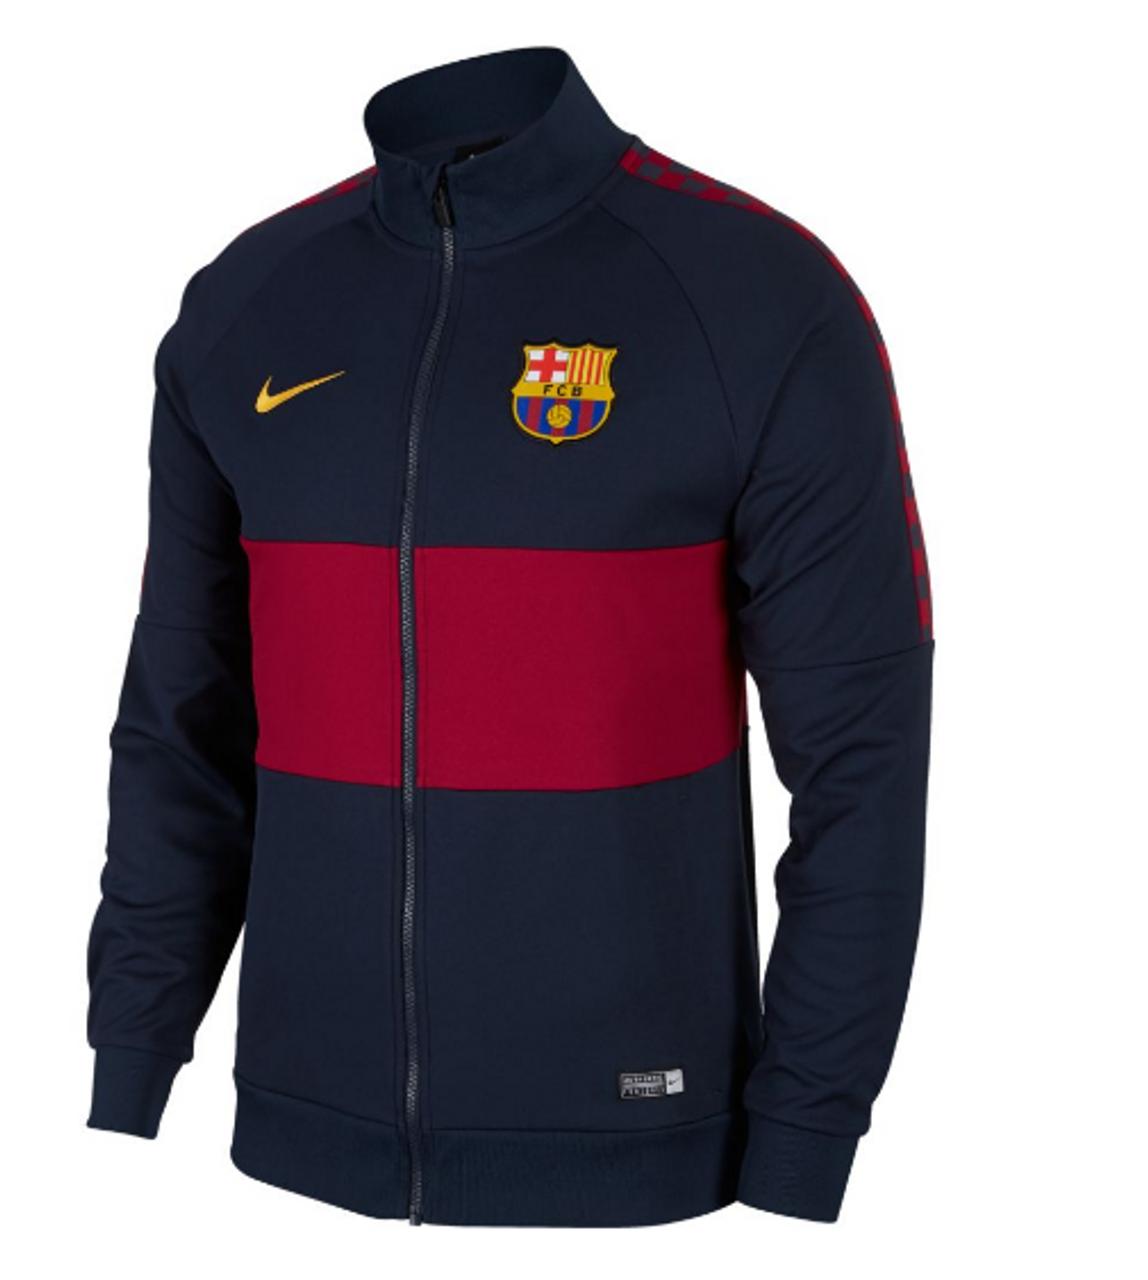 super popular 85583 ddd45 F.C. Barcelona Men's Jacket Obsidian/Noble Red/University Gold (062819)